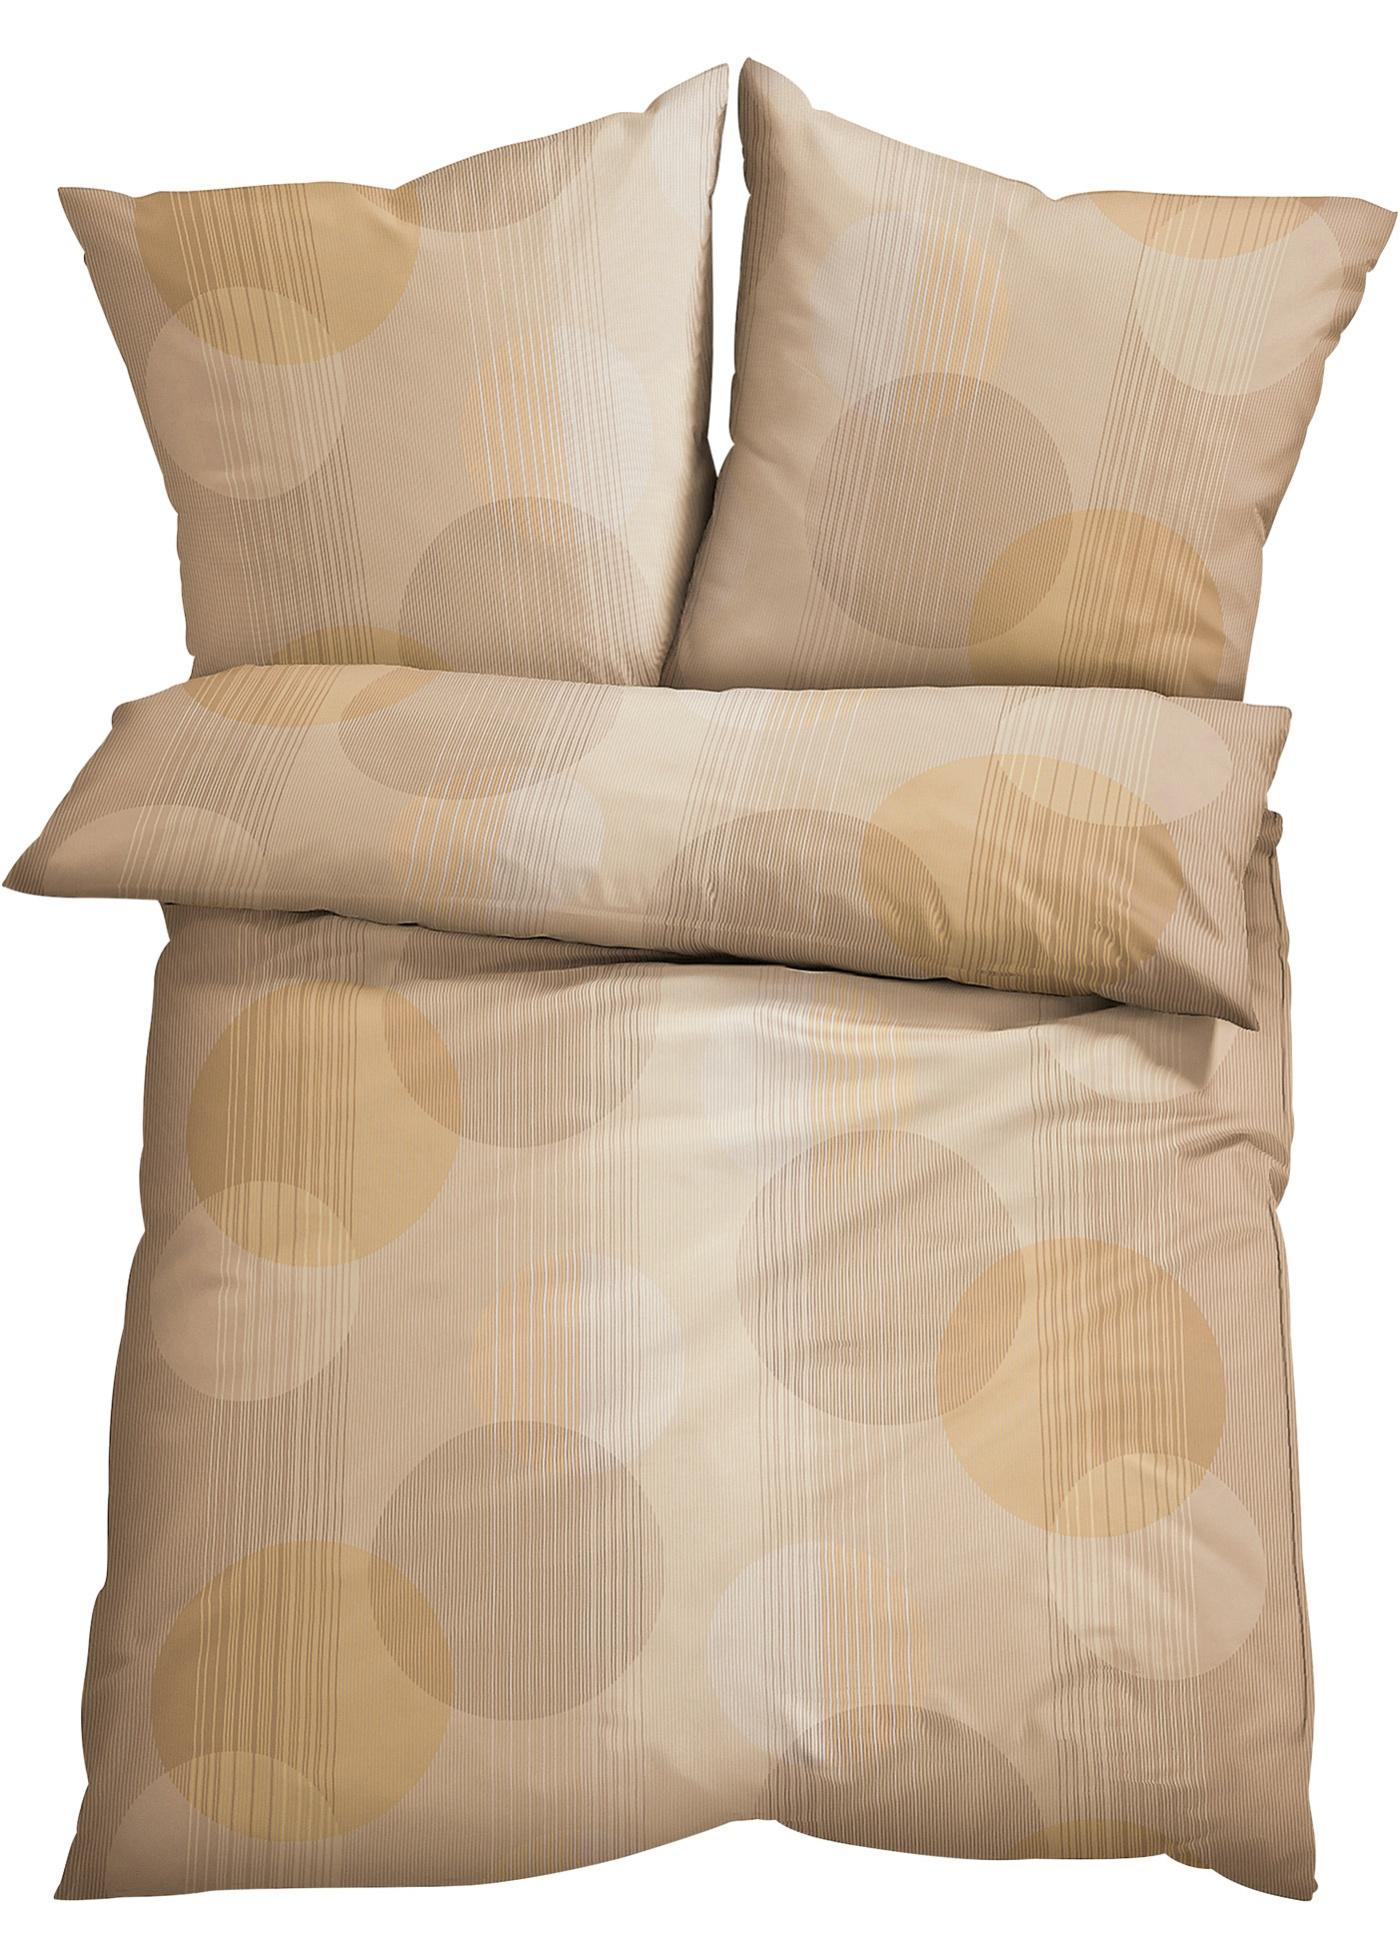 Linge de lit imprimé à motif cercles.